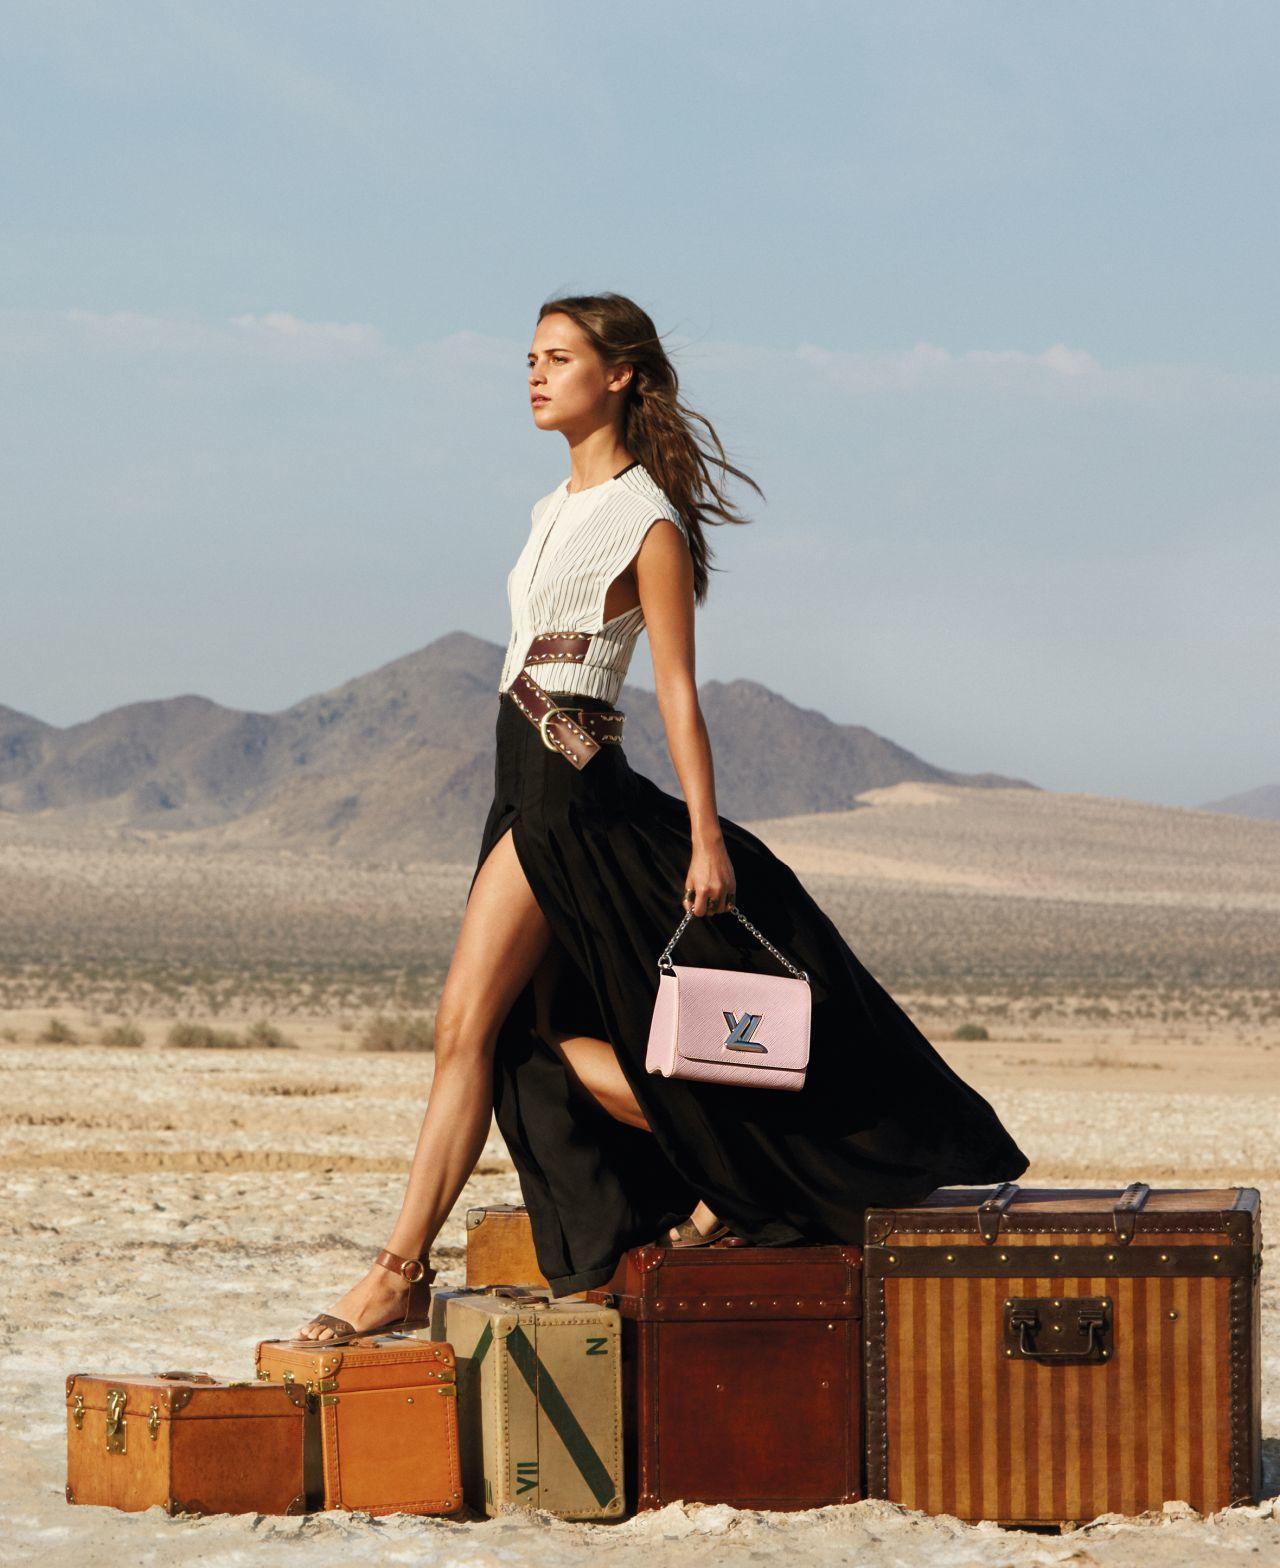 Chế độ tập luyện 'địa ngục' của đả nữ 'Tomb Raider'